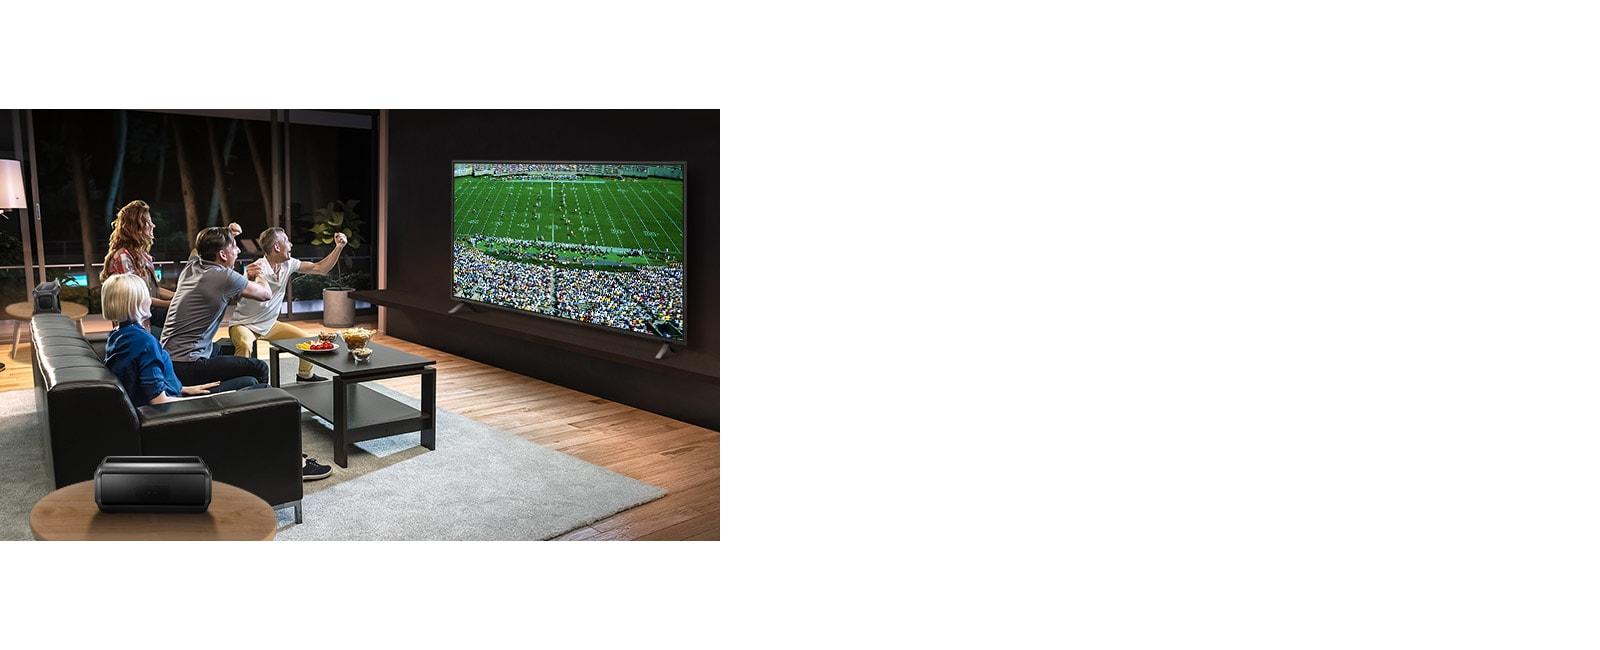 Ljudi koji gledaju sportsku utakmicu na televizoru u dnevnoj sobi sa stražnjim Bluetooth zvučnicima.